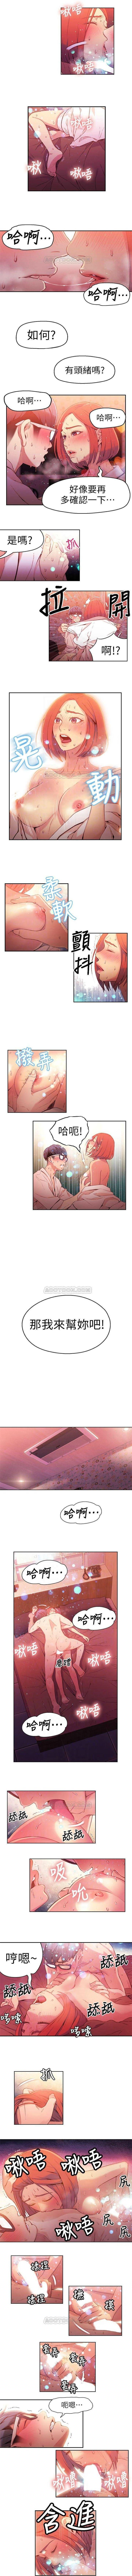 (週7)超導體魯蛇(超級吸引力) 1-22 中文翻譯(更新中) 71